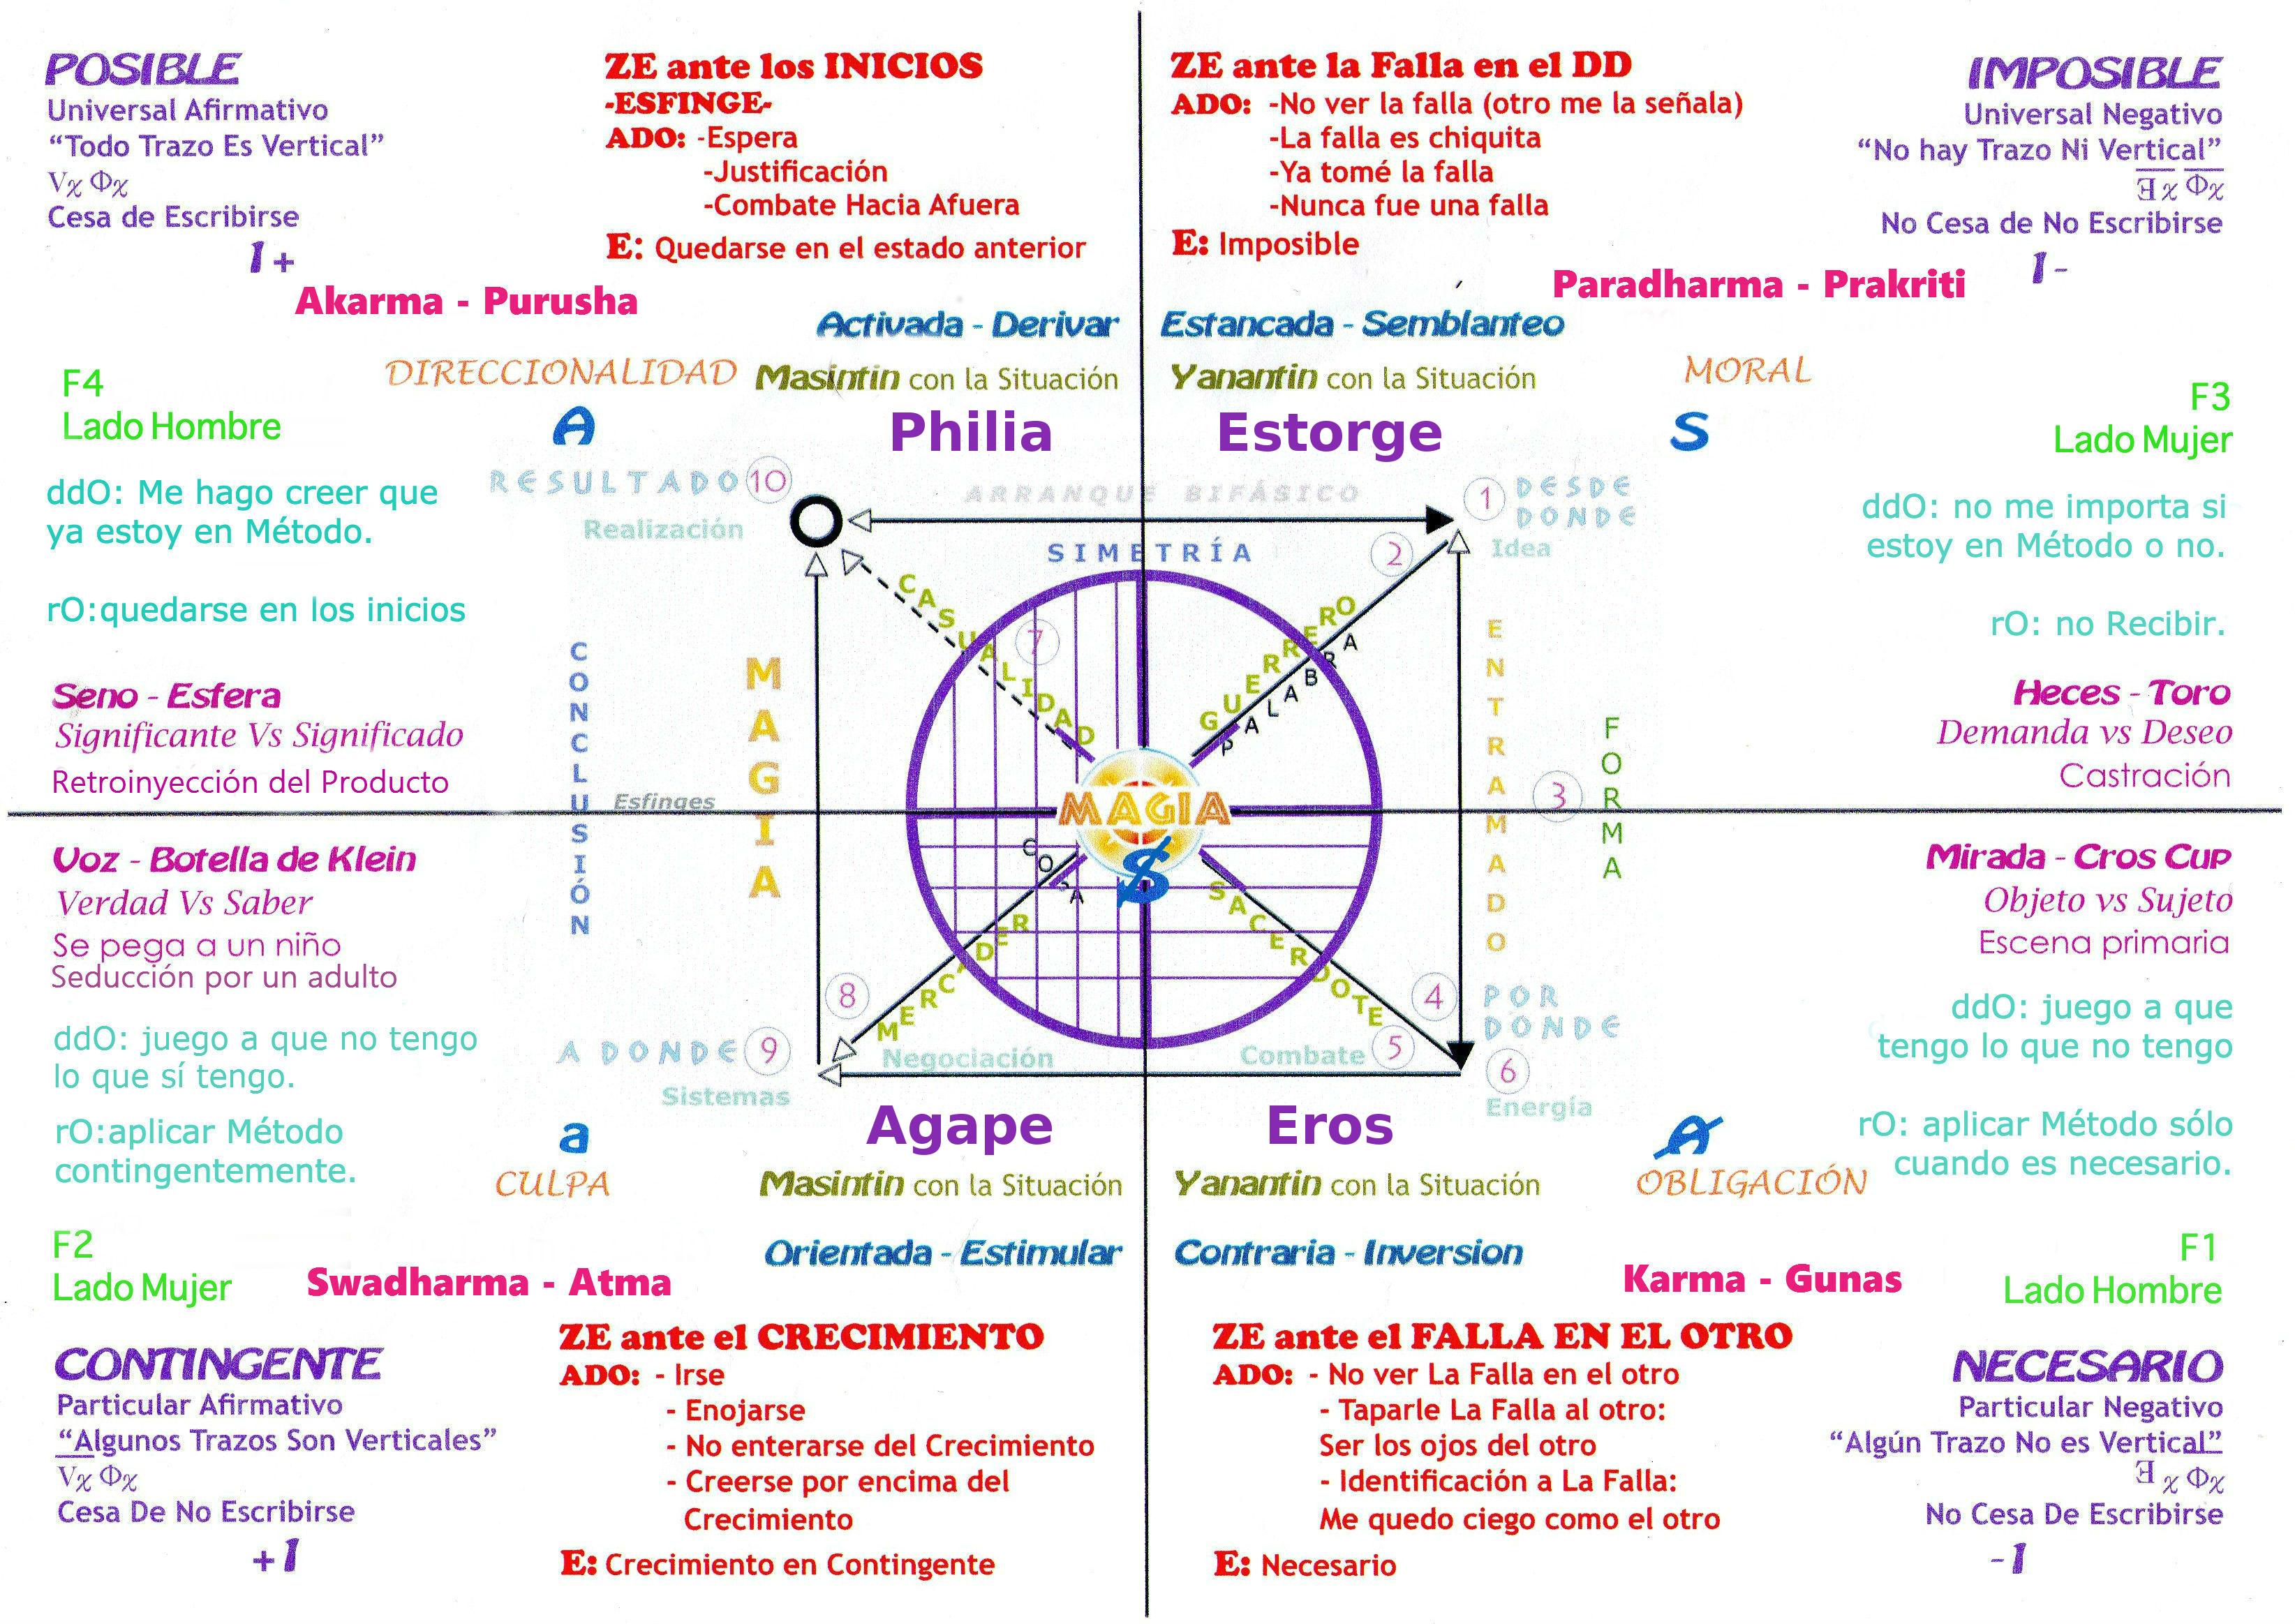 Mapa del Mago COMPLETO - Diagrama de Peirce